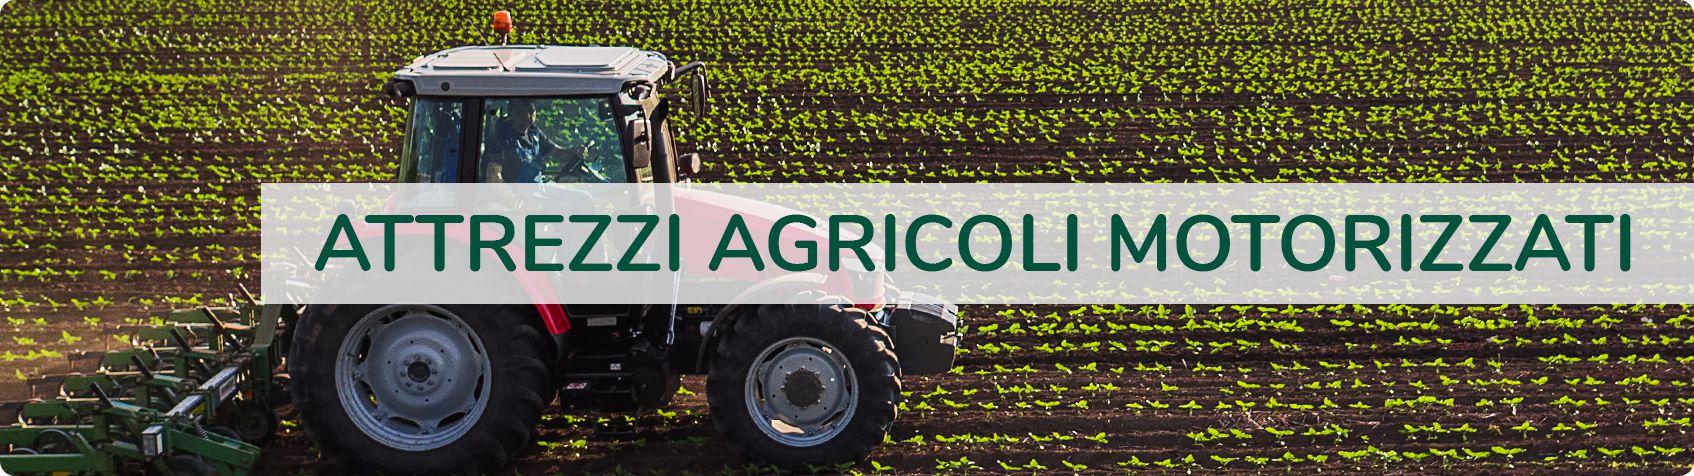 Attrezzi Agricoli Motorizzati